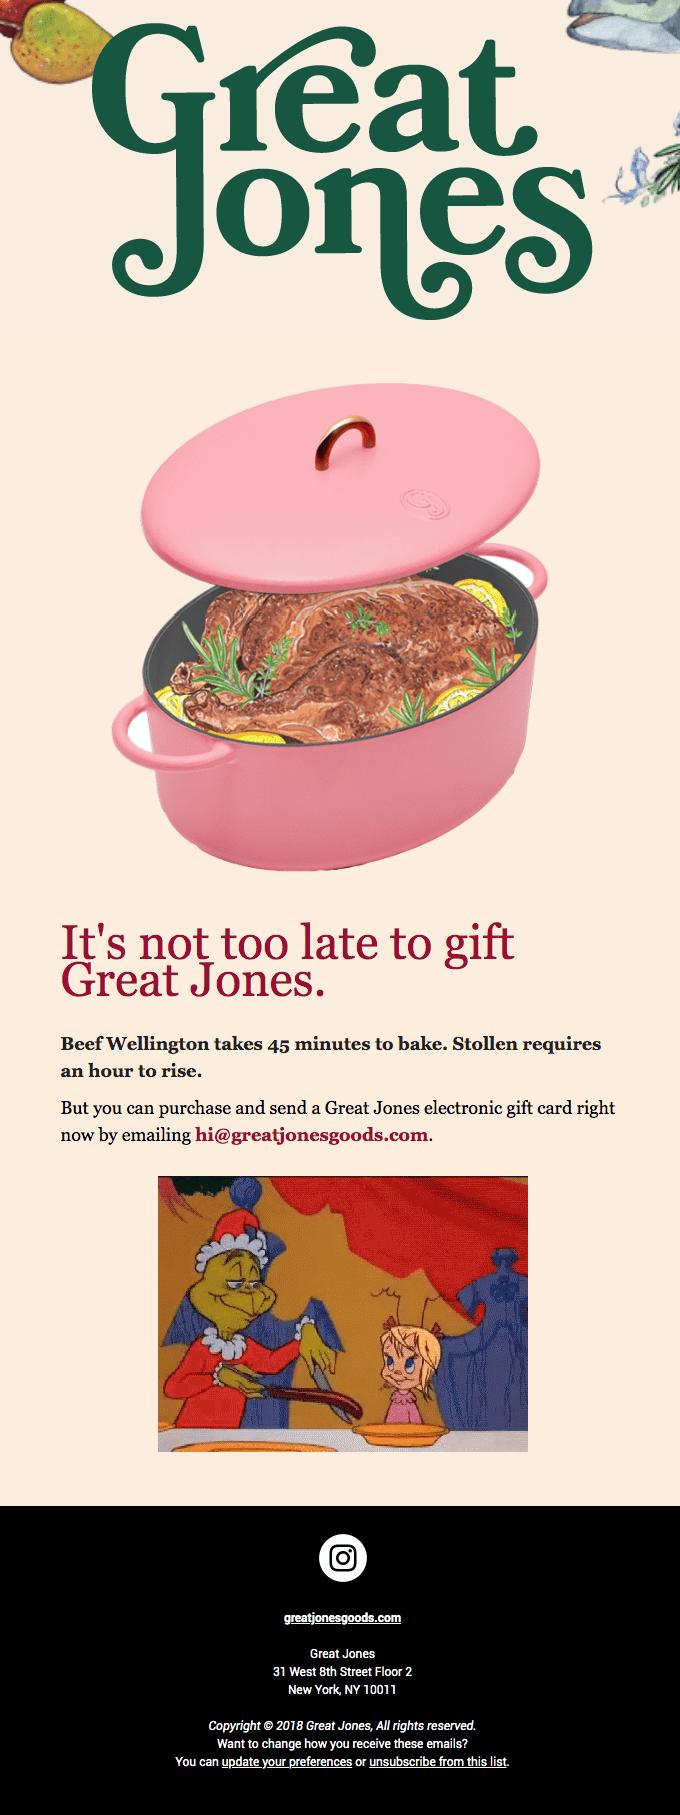 Great Jones Retro-Futurist Email